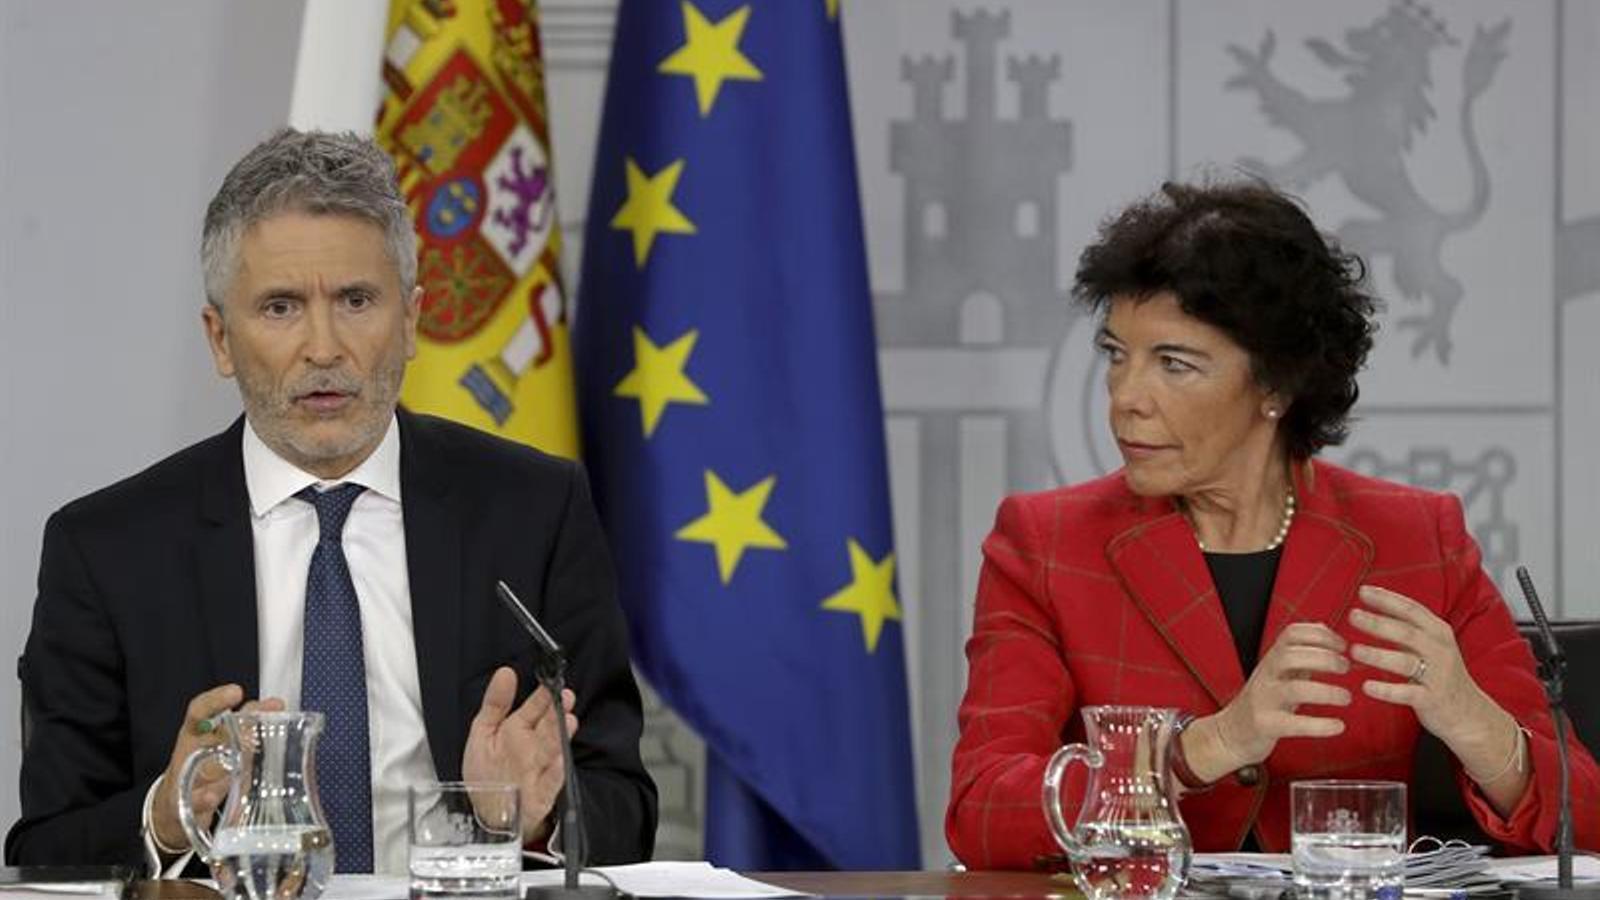 El ministre de l'Interior, Fernando Grande-Marlaska, amb la ministra portaveu del govern espanyol, Isabel Celaá, durant la roda de premsa posterior al consell de ministres.